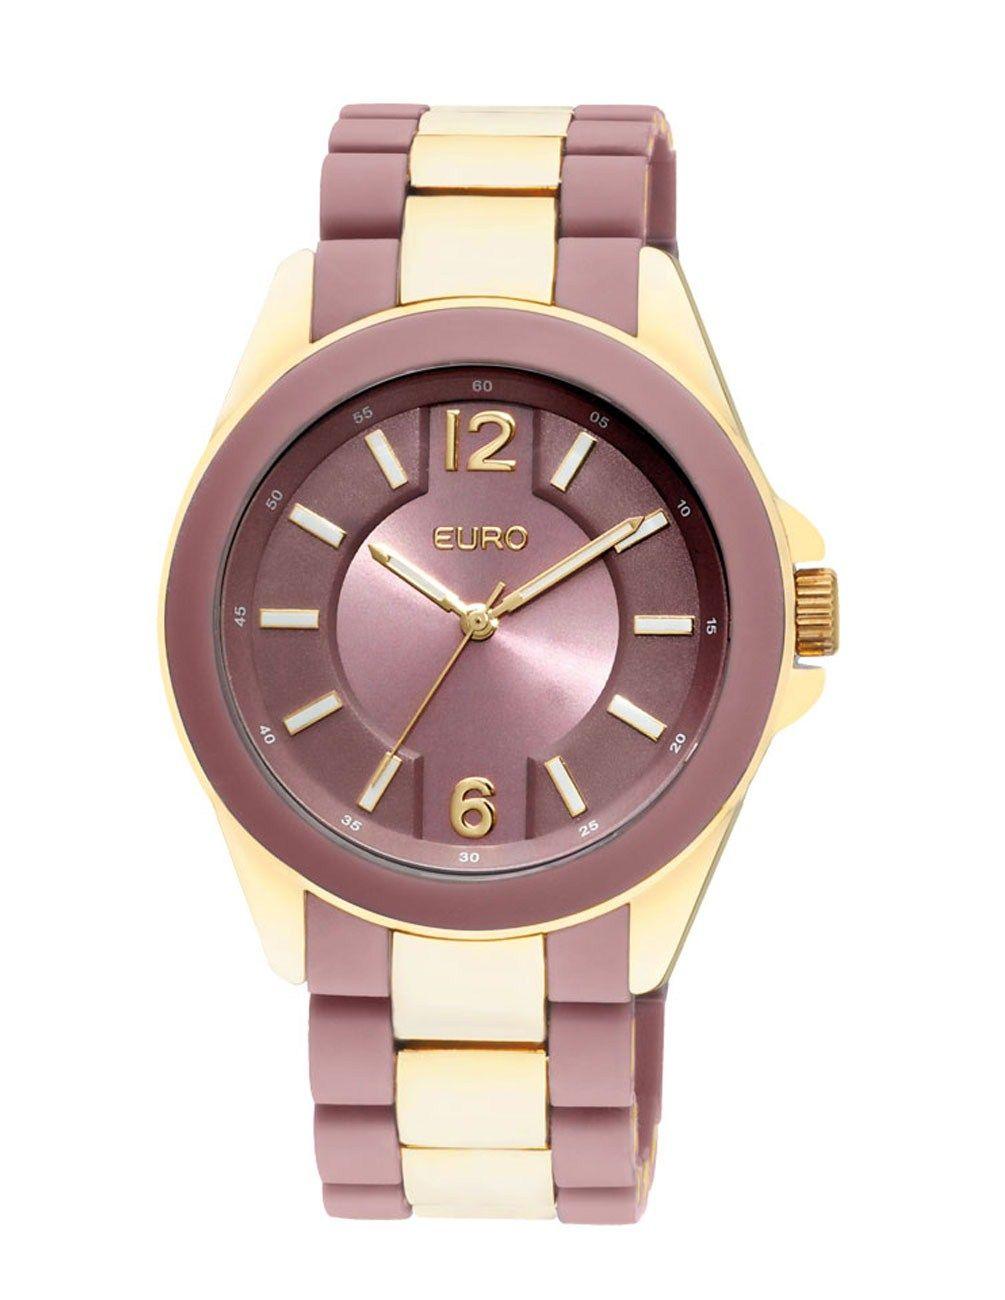 Relógio Feminino Analógico Euro Lier EU2036AP 4M - Dourado e Bege - Relógios  no E-Euro e71e7cec24